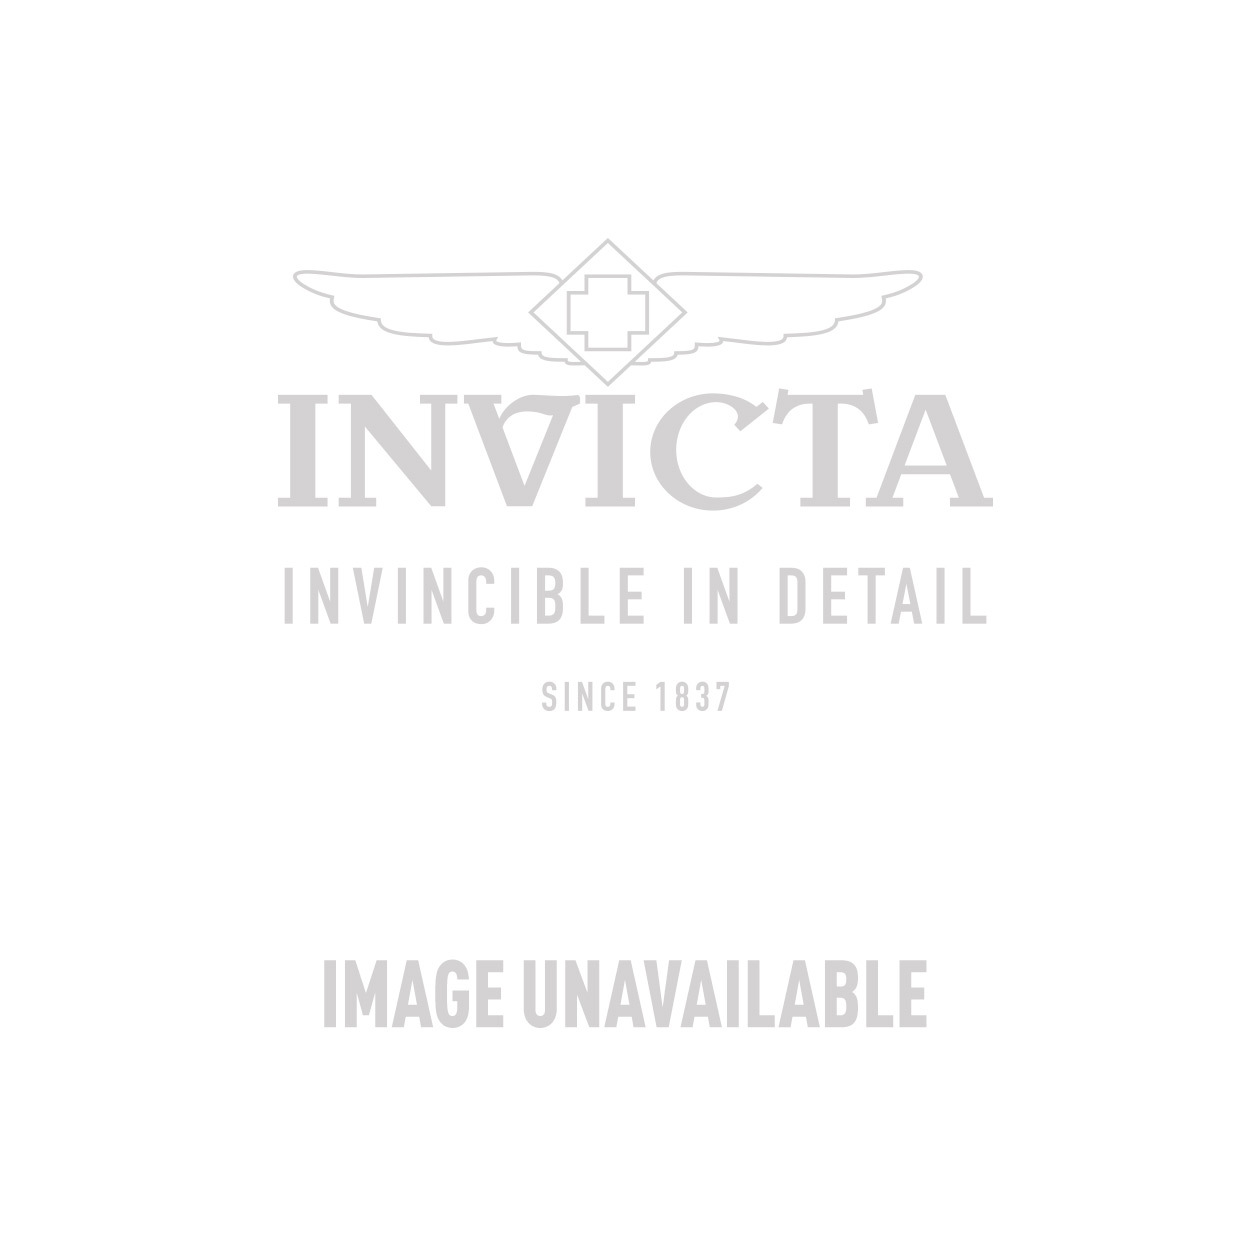 Invicta Model 25018